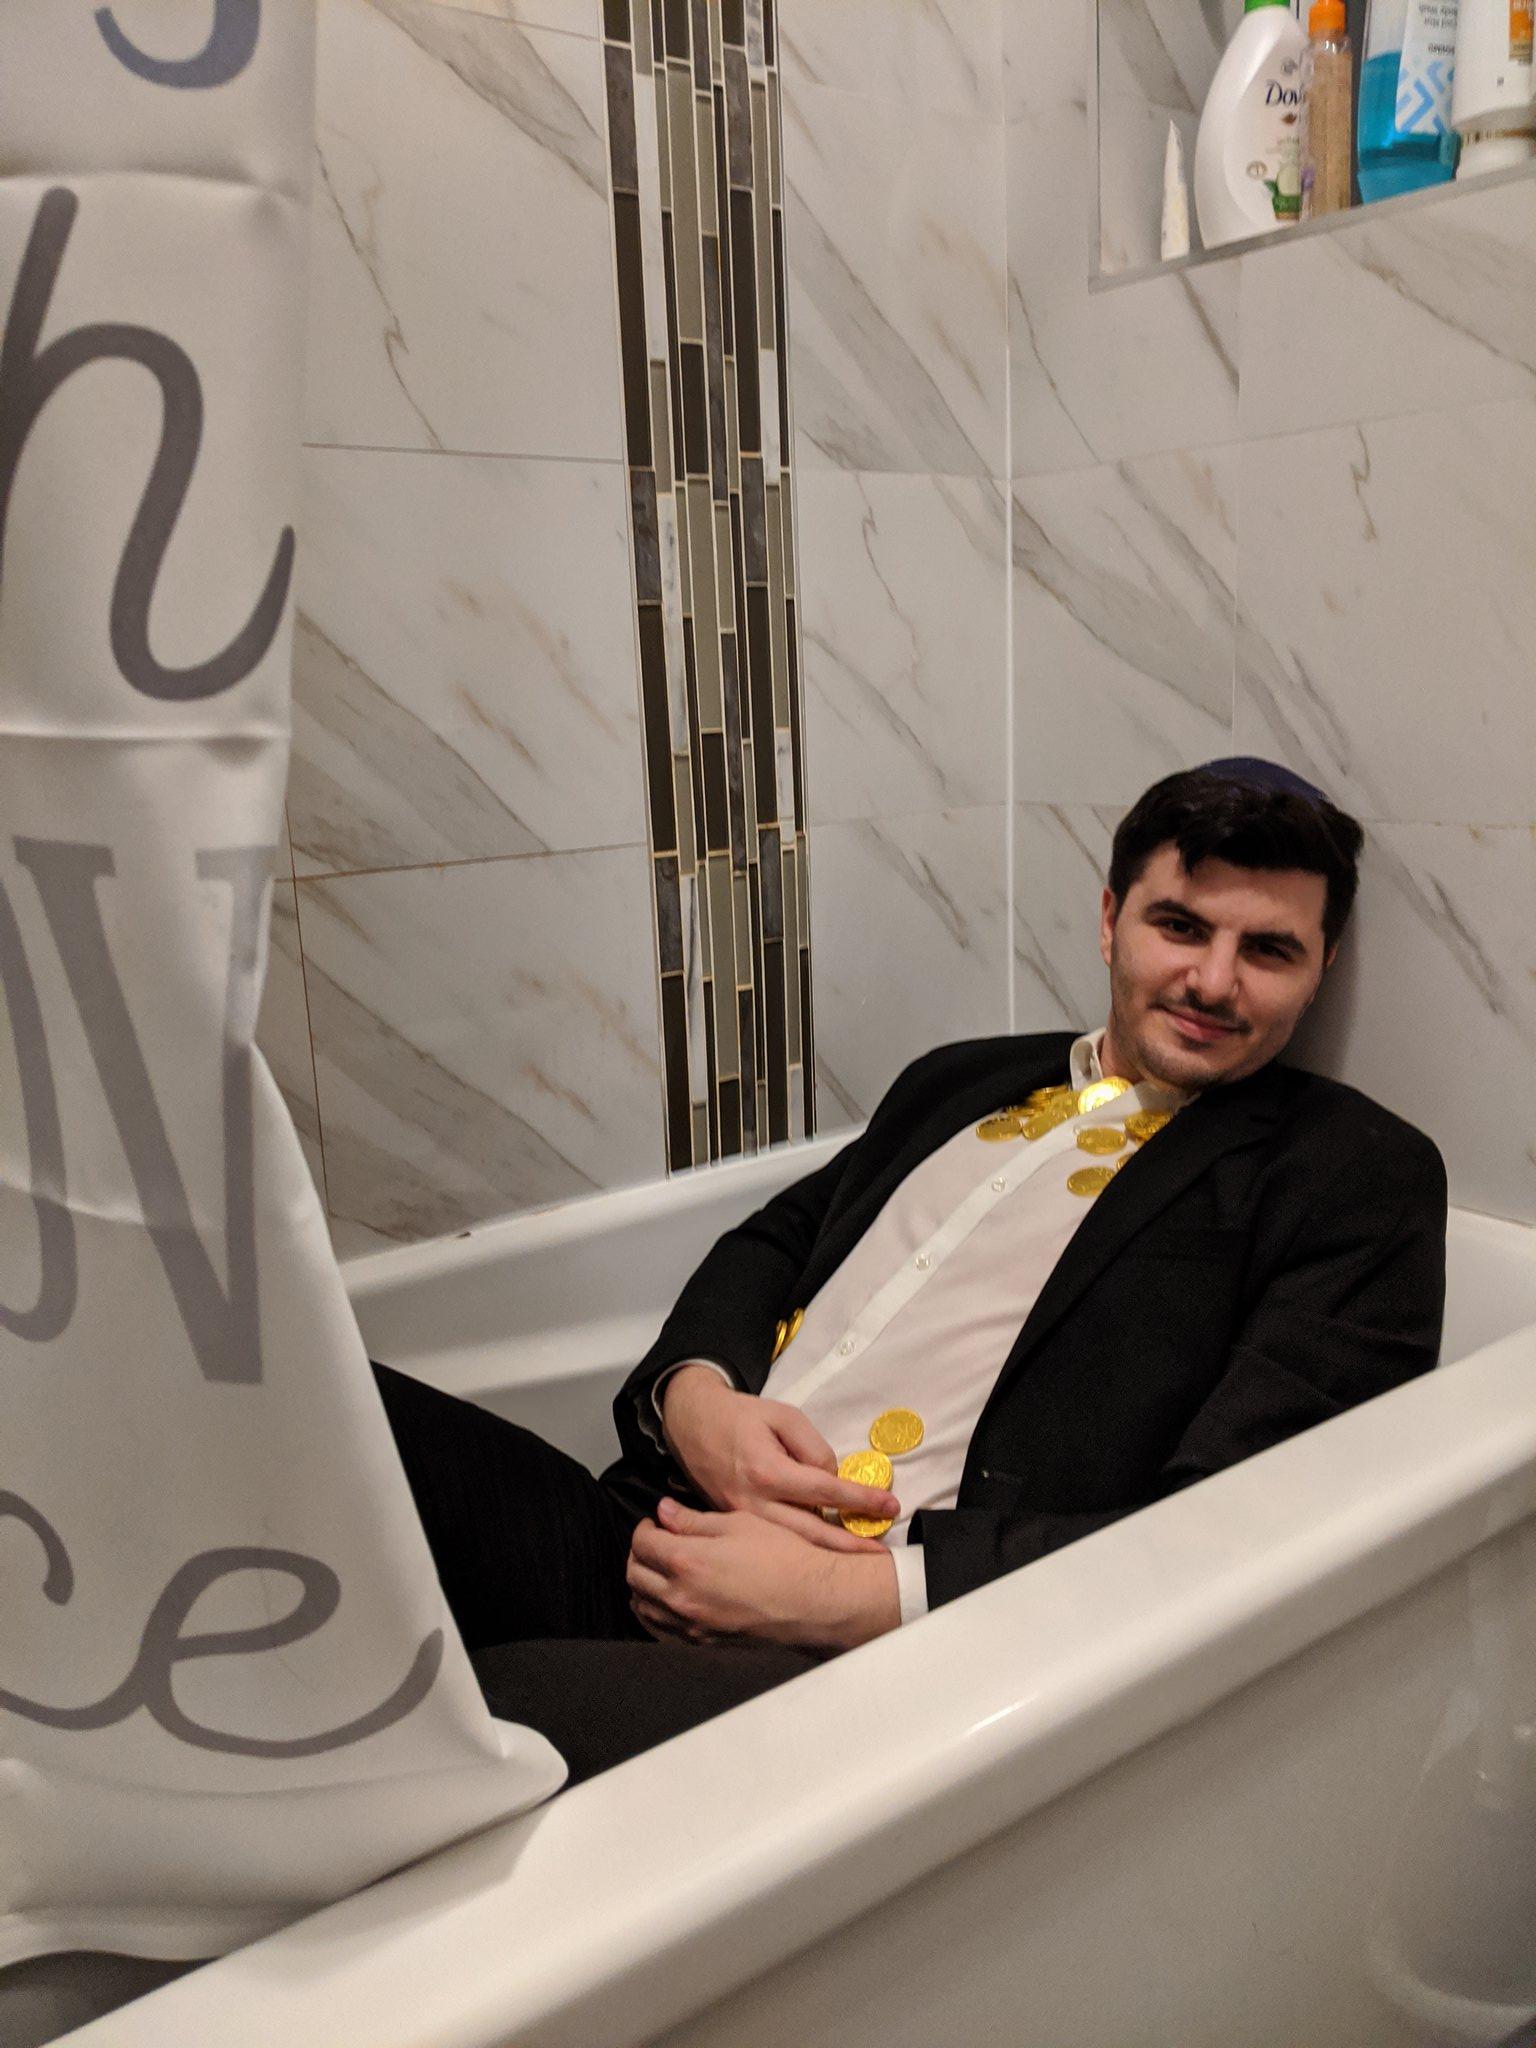 hanukkah seder bath tub